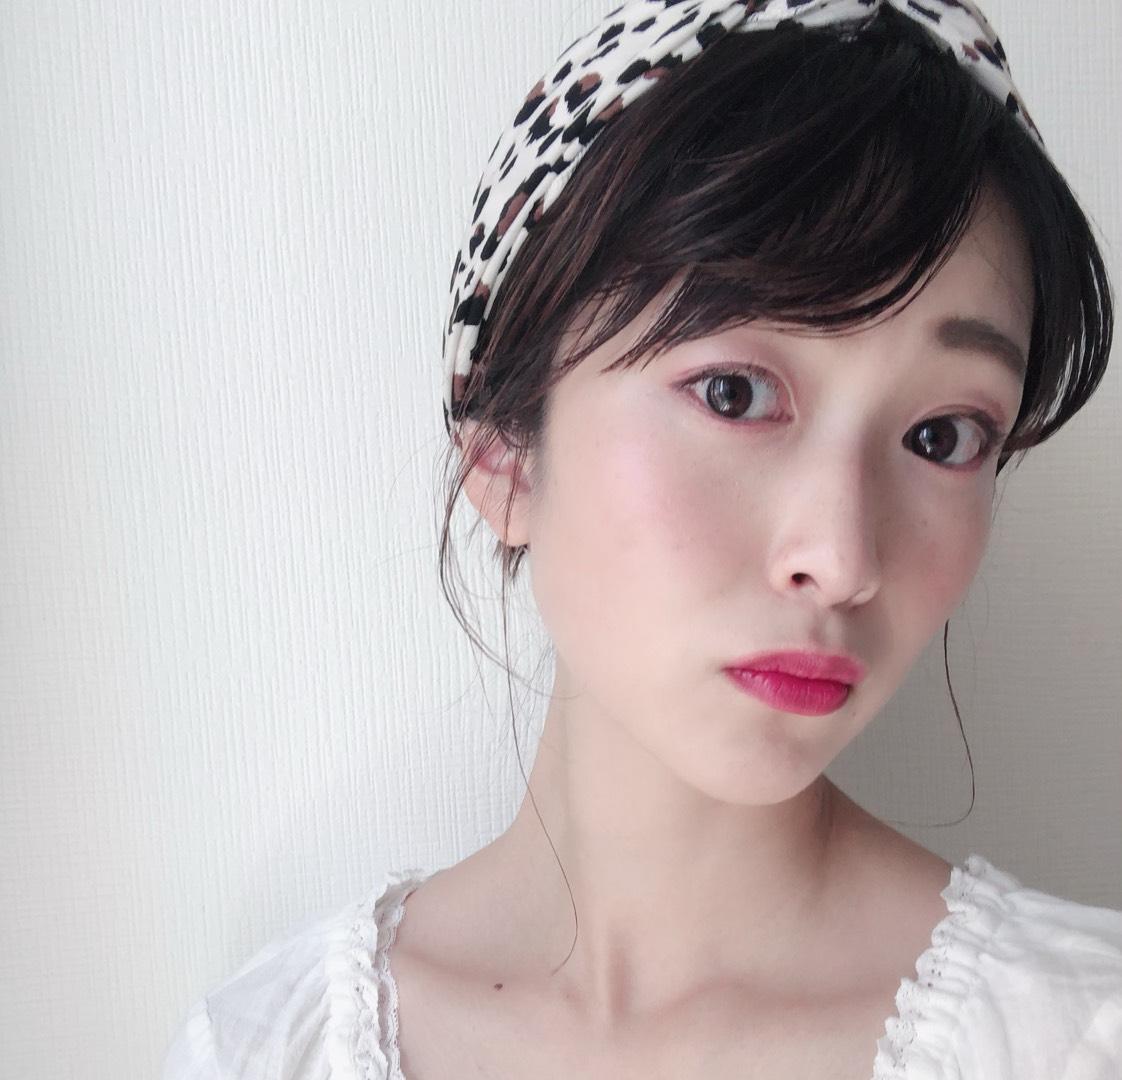 お仕事メイク→アフター6の華やかメイクにカメレオンチェンジ!